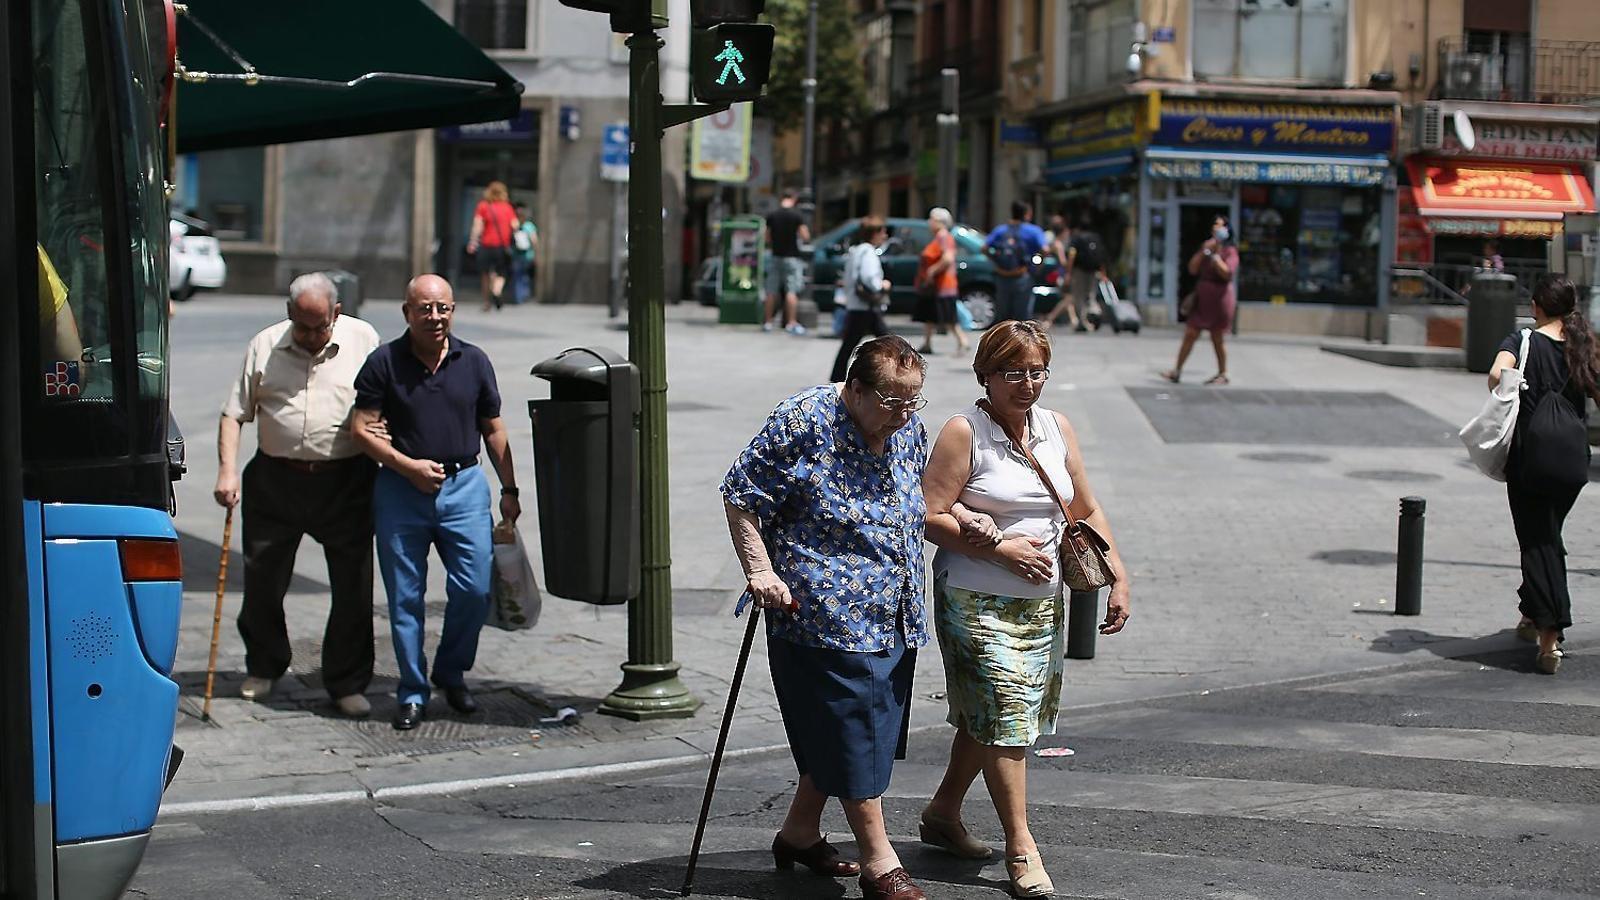 Els pensionistes catalans han perdut un 40% més de poder adquisitiu que els espanyols des del 2011